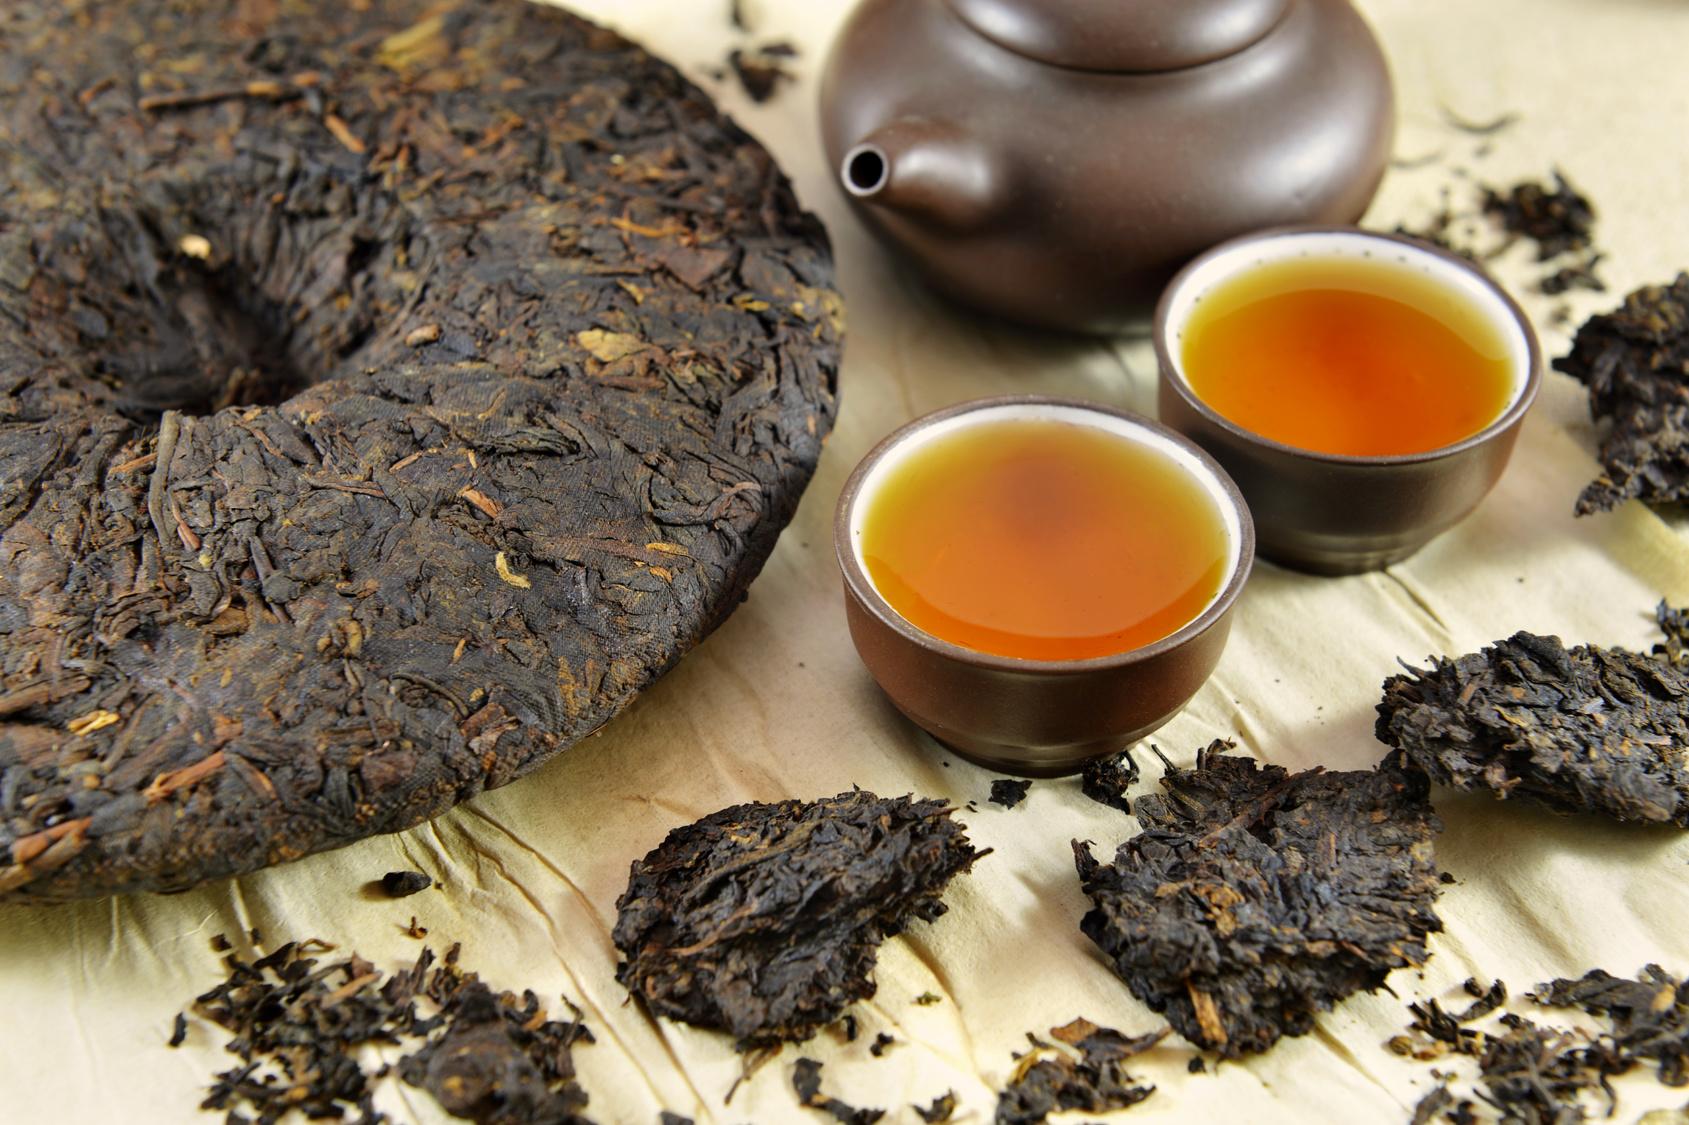 Высококачественный китайский чай пу эр 7 летней выдержки